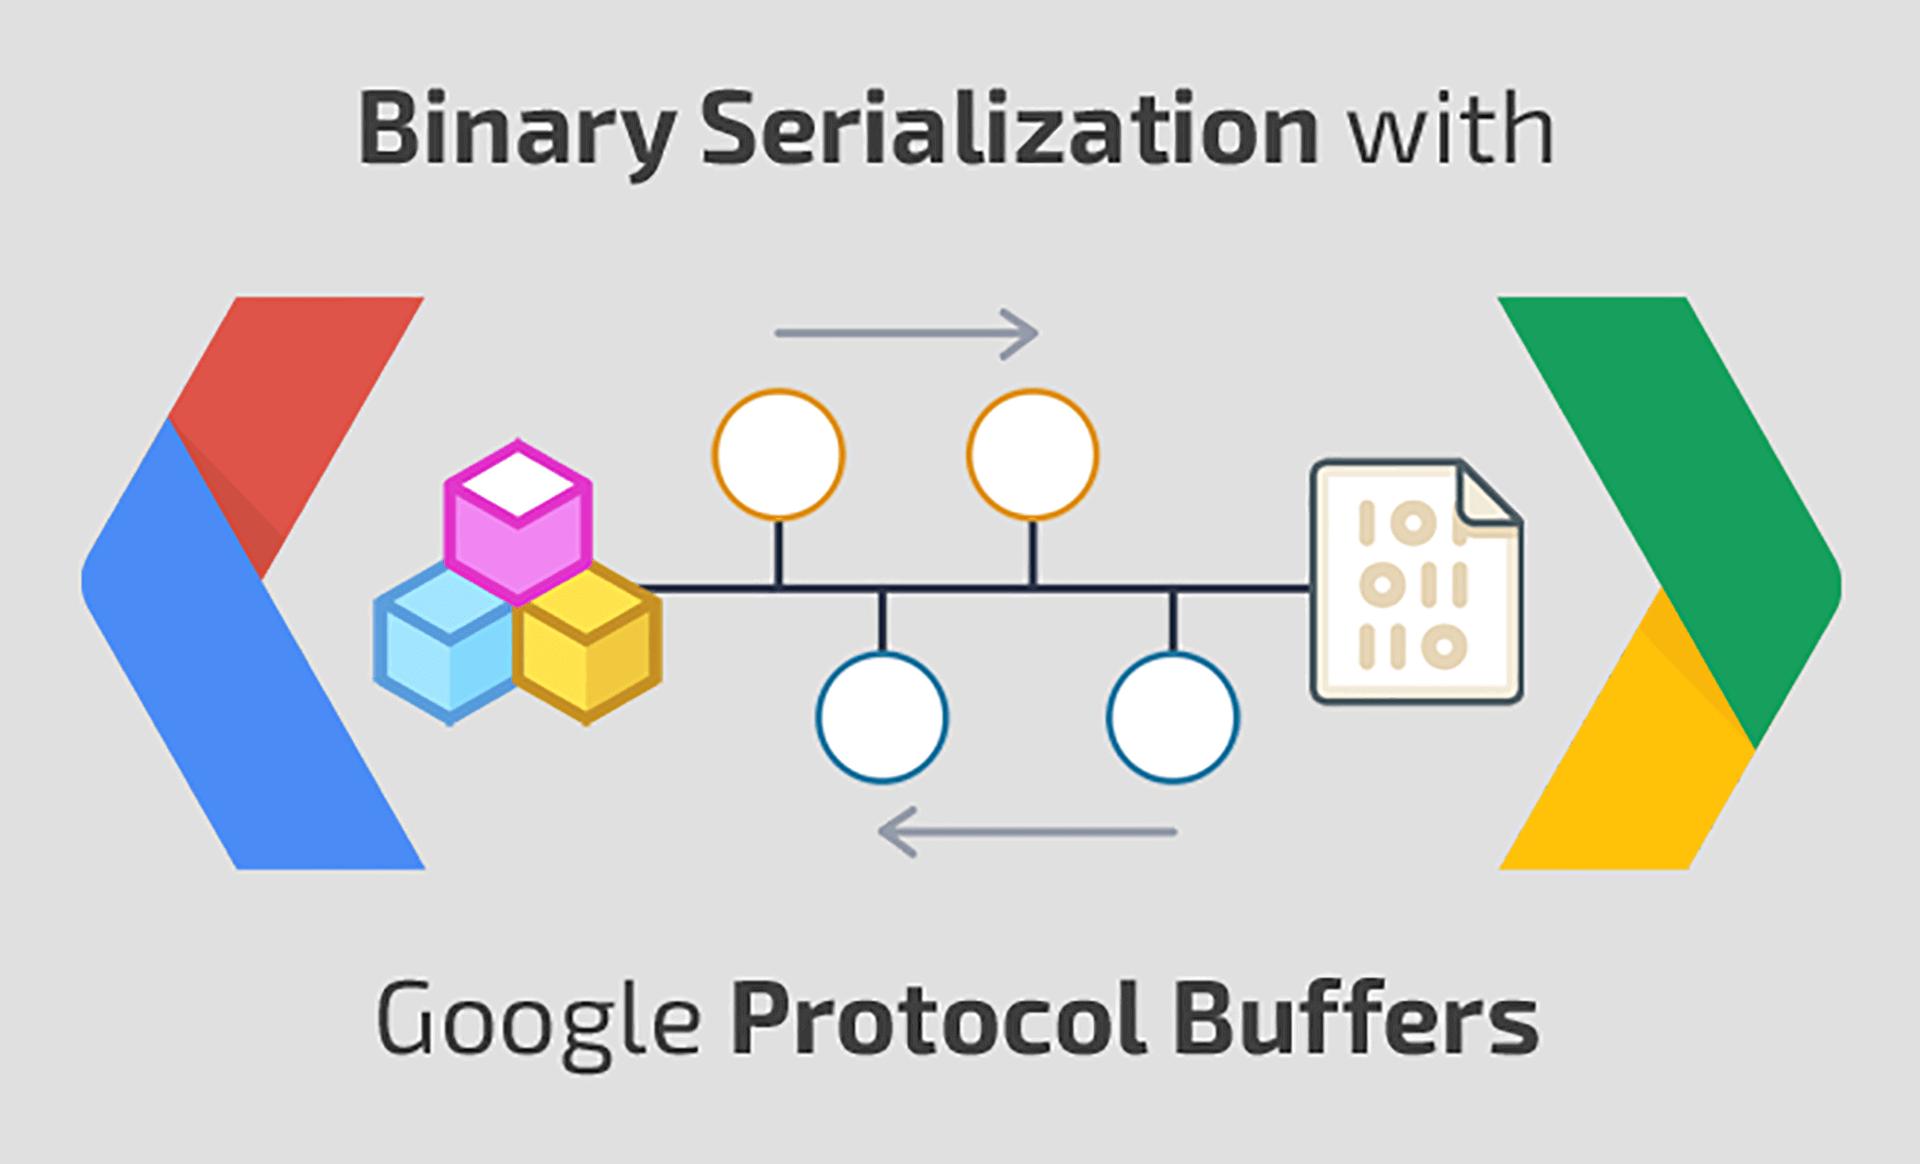 高效的序列化/反序列化数据方式 Protobuf